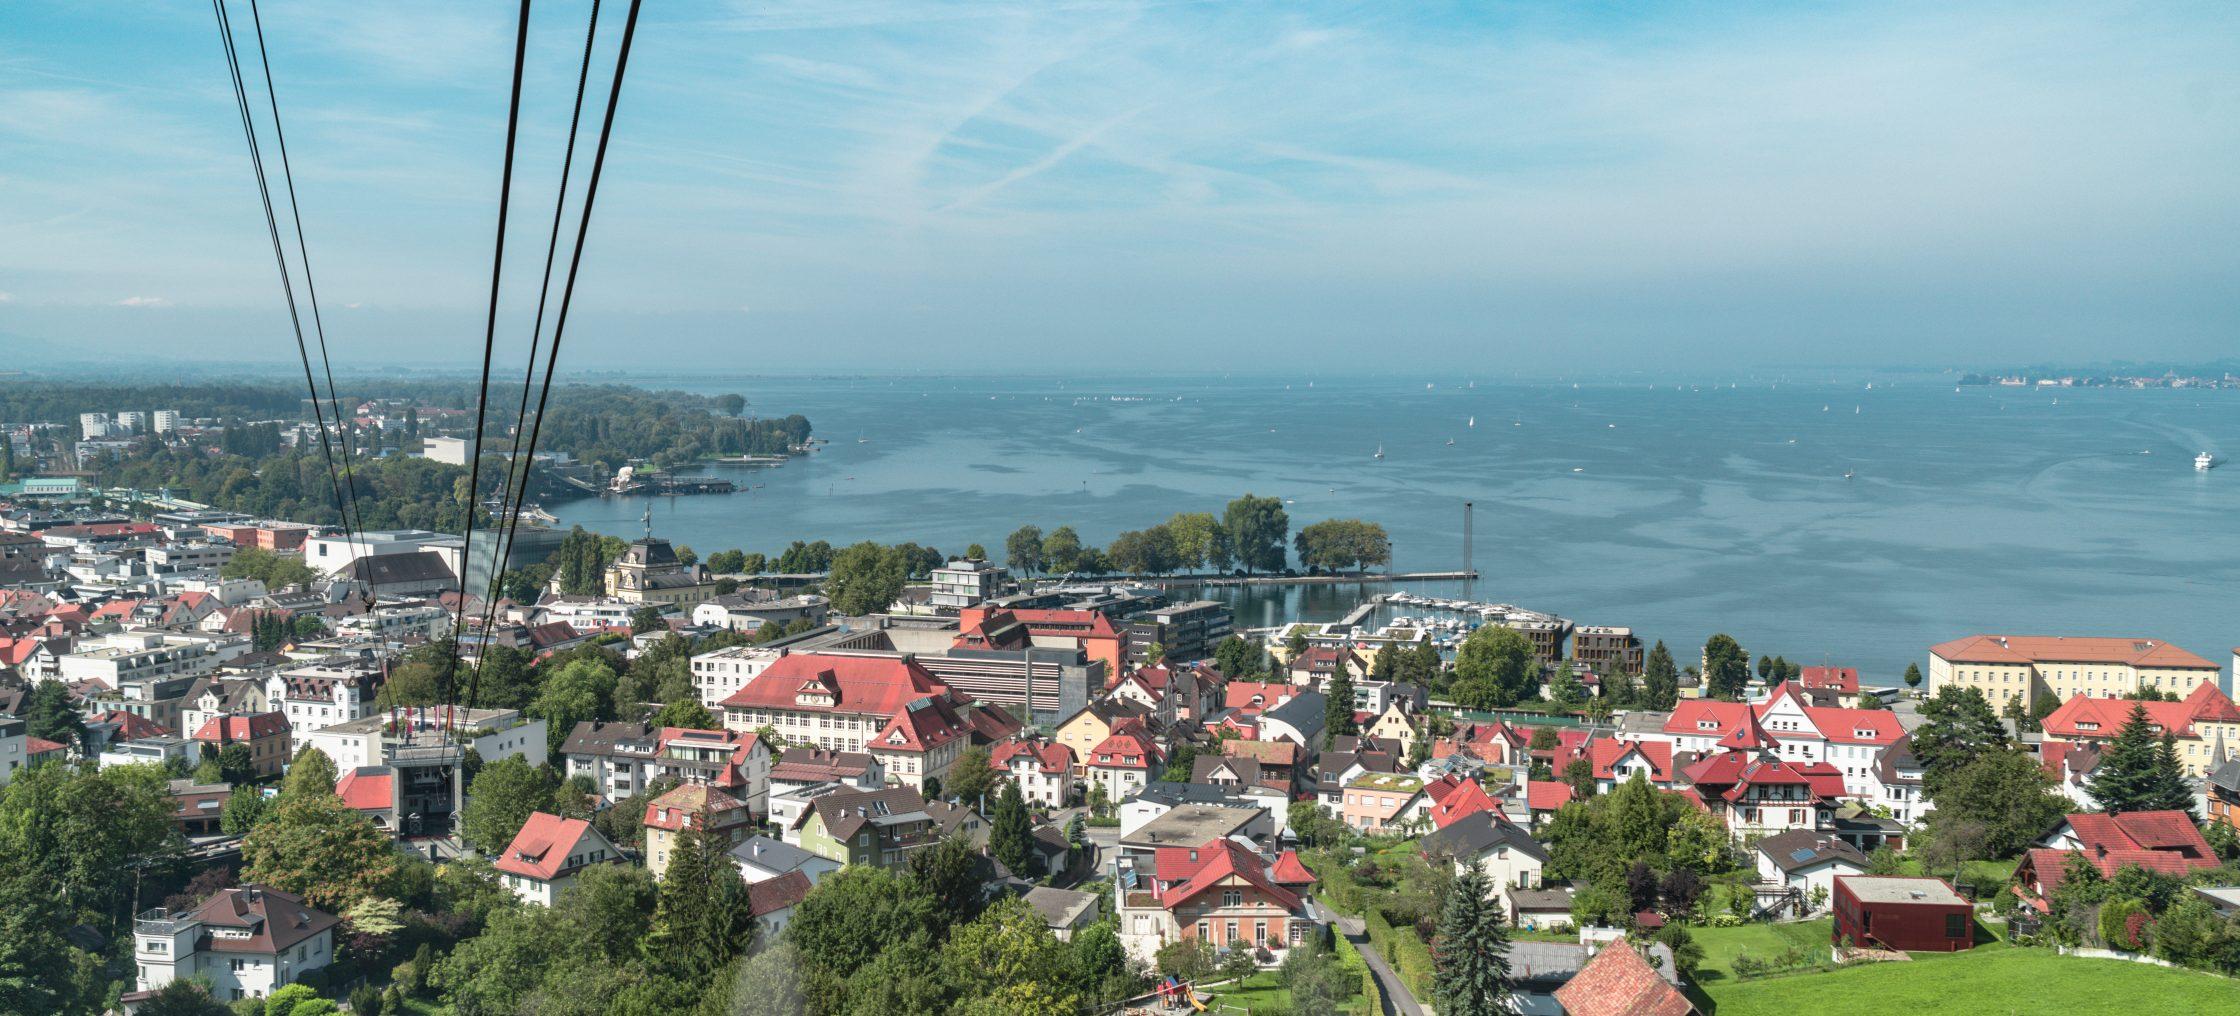 Ausblick aus der Pfaender Seilbahn über Dorf und Bodensee